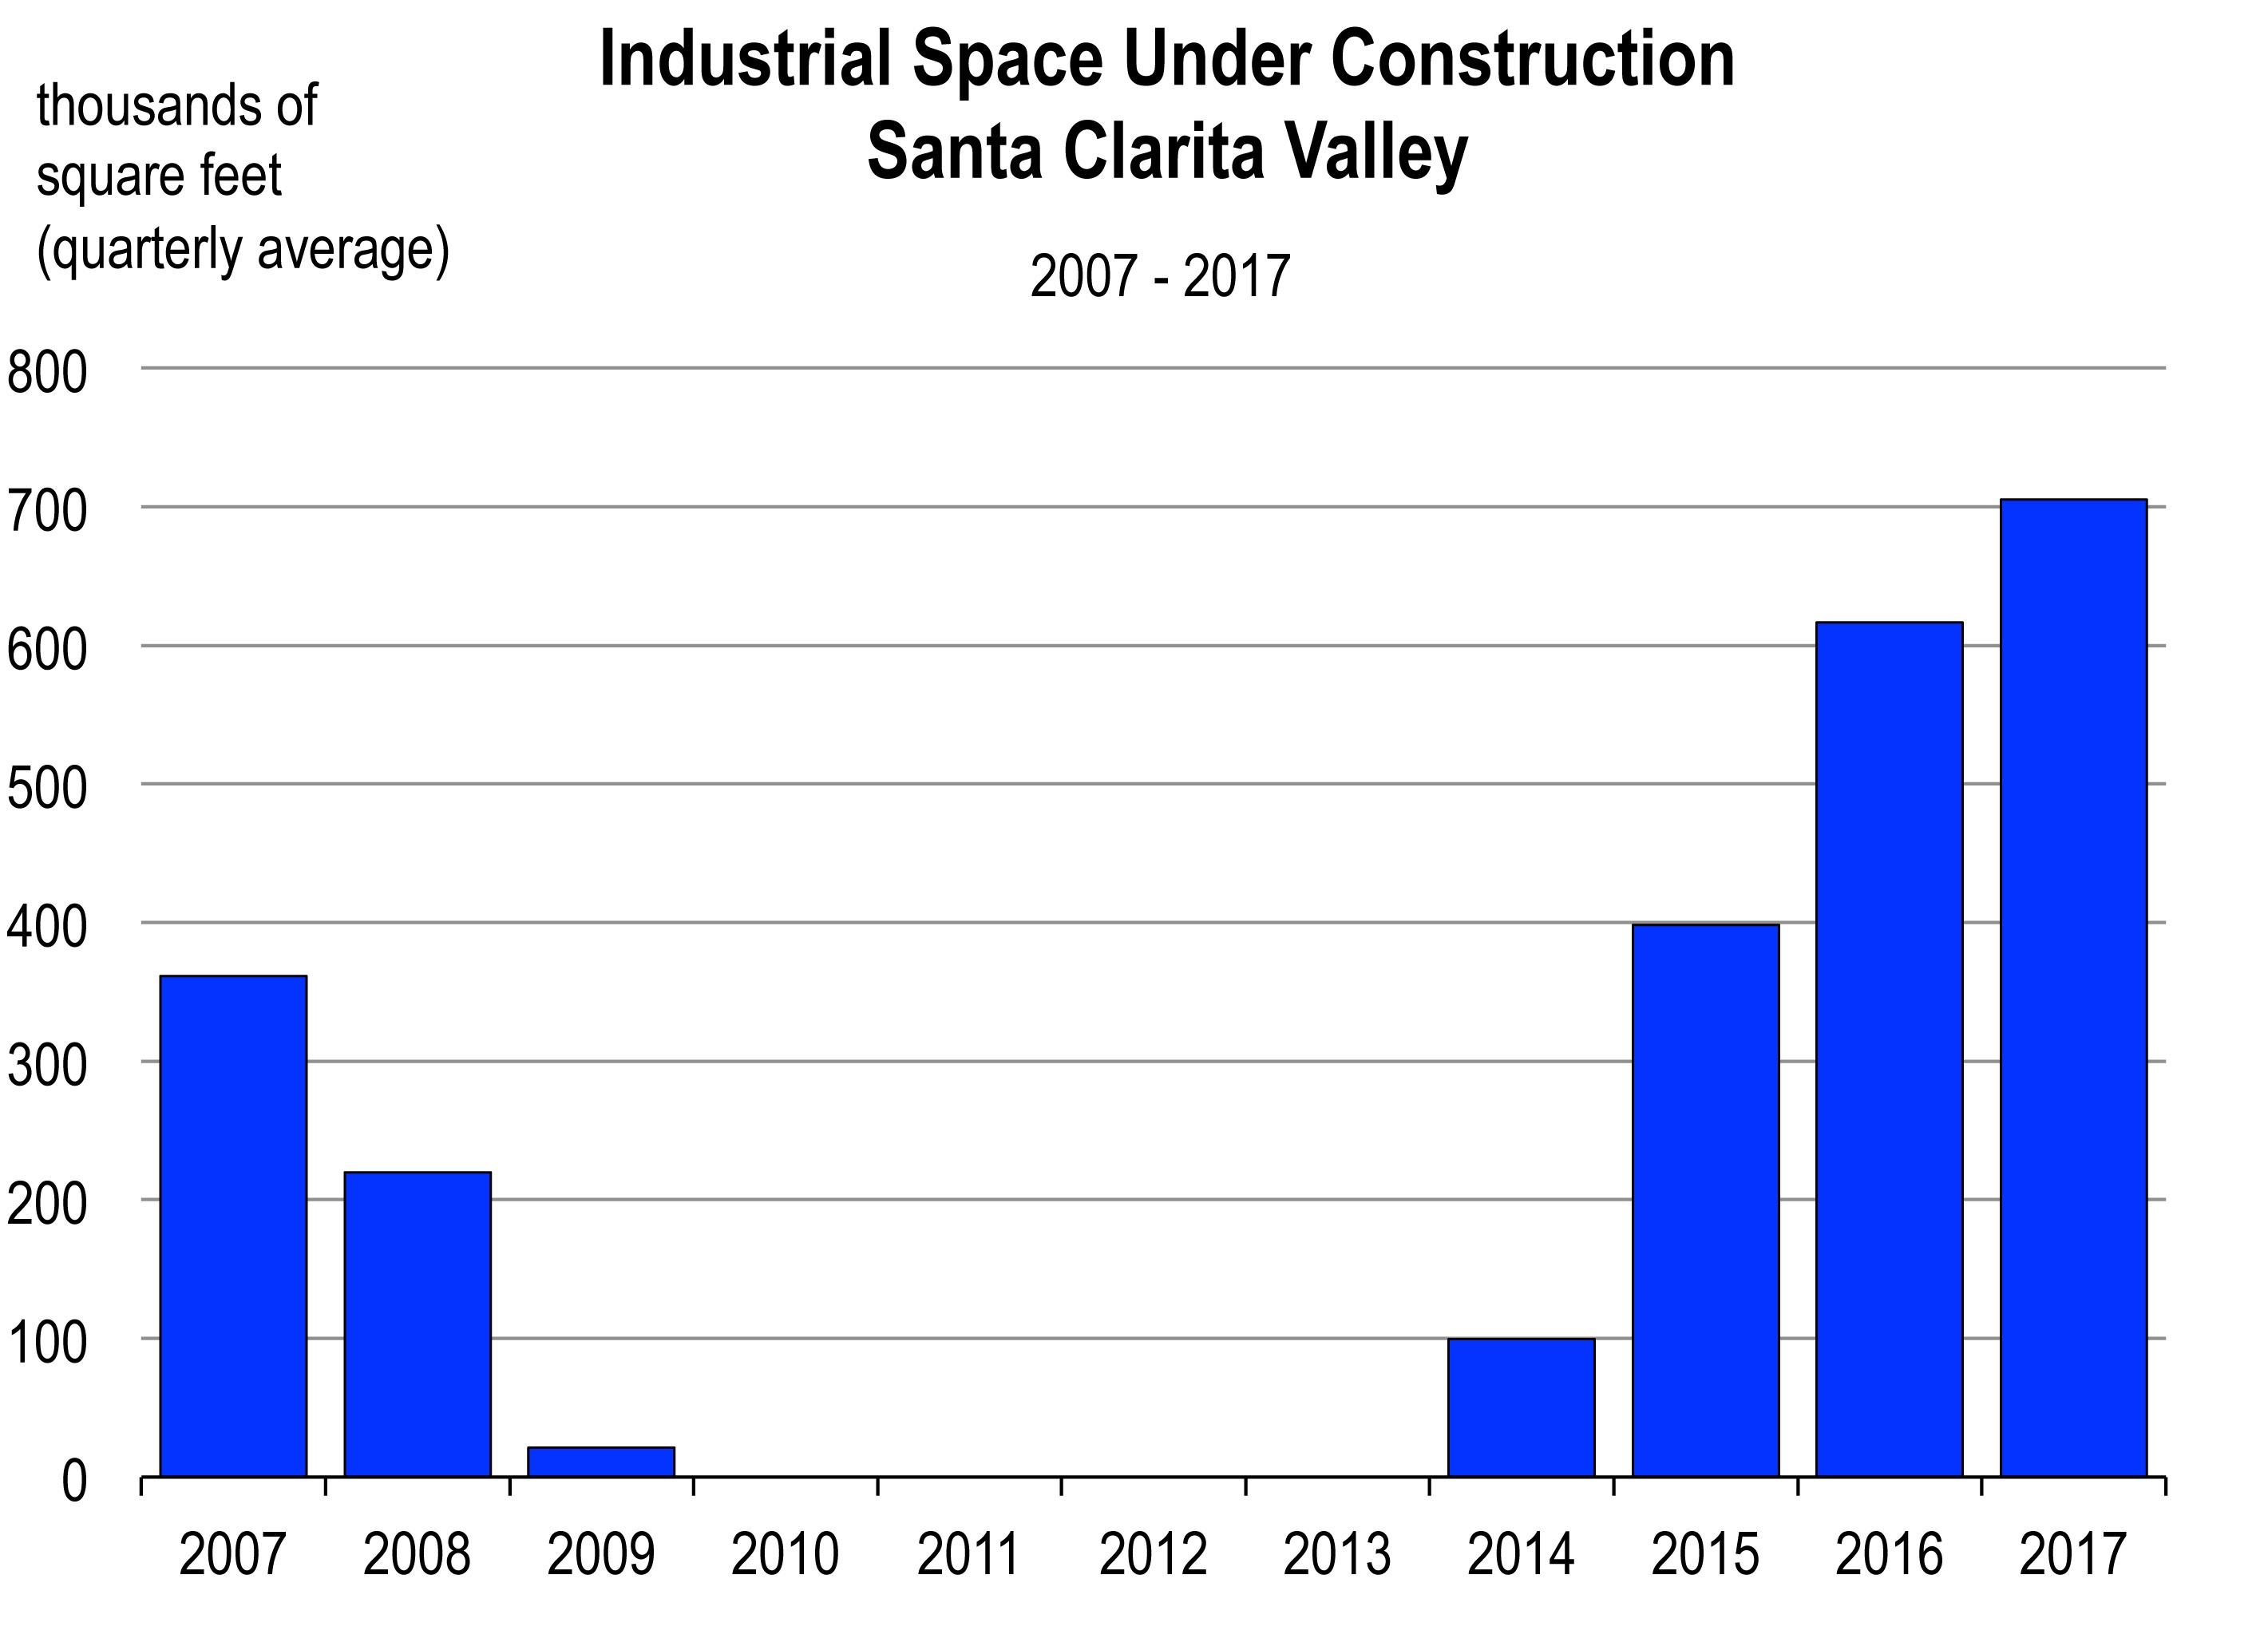 Industrial Space Under Construction Santa Clarita Valley